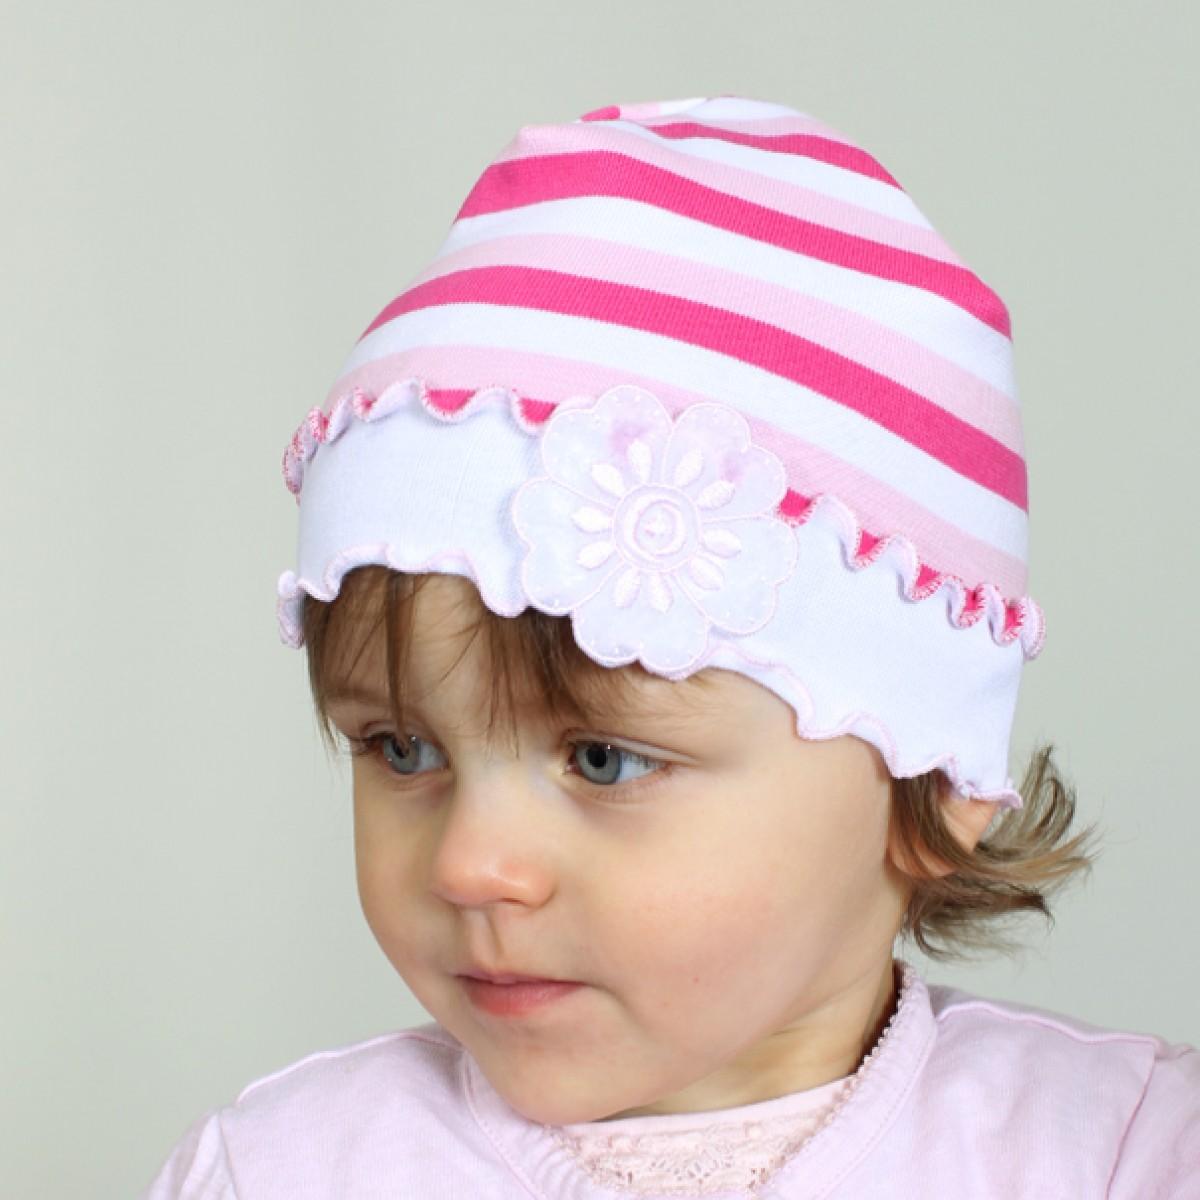 Cepure Vilaurita 248